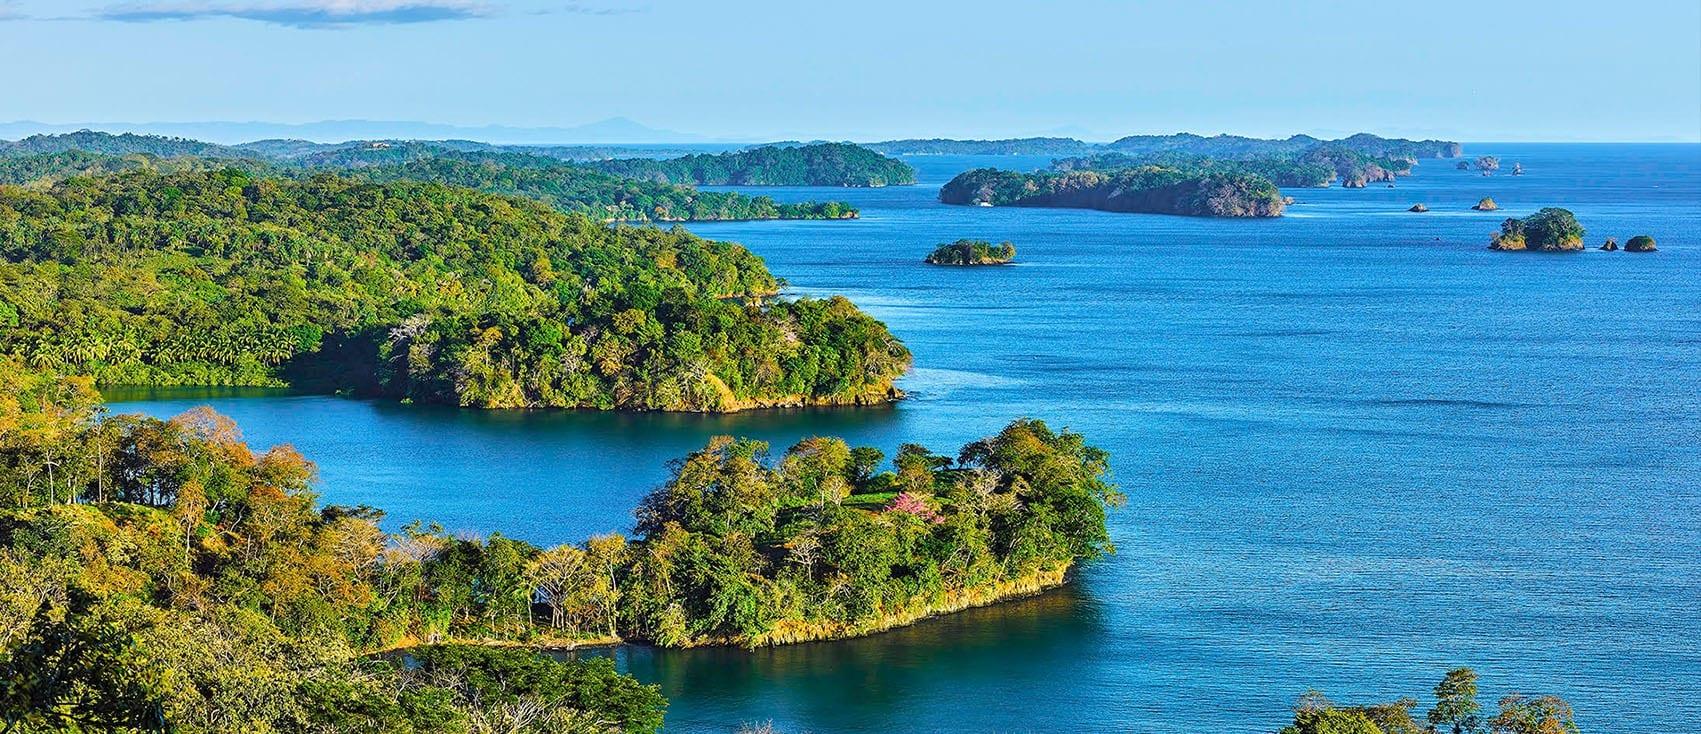 Panama's Gulf of Chiriqui